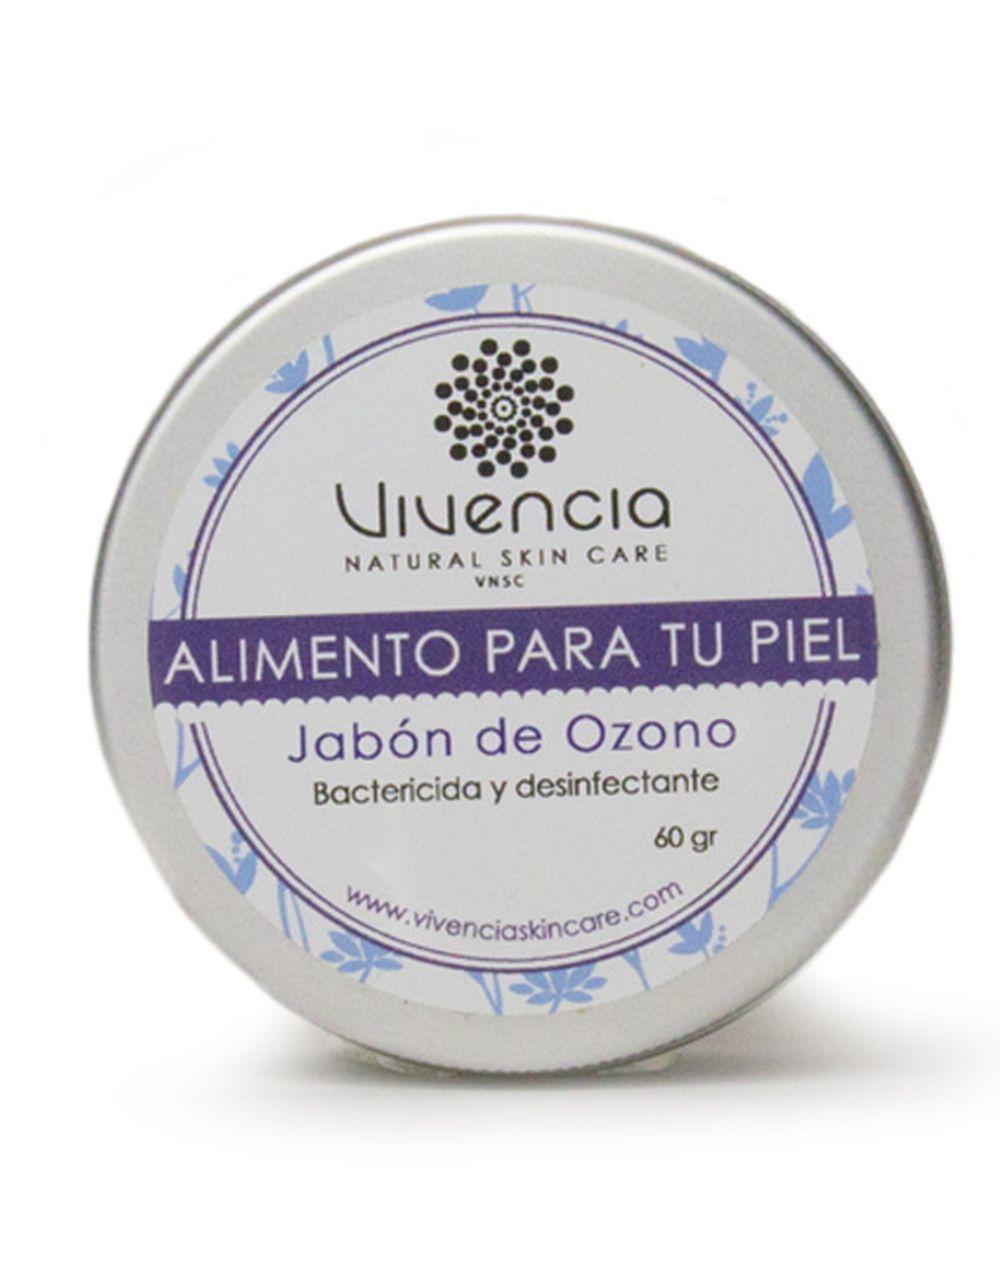 Pastilla de jabón efecto bactericida y desinfectante que promete...